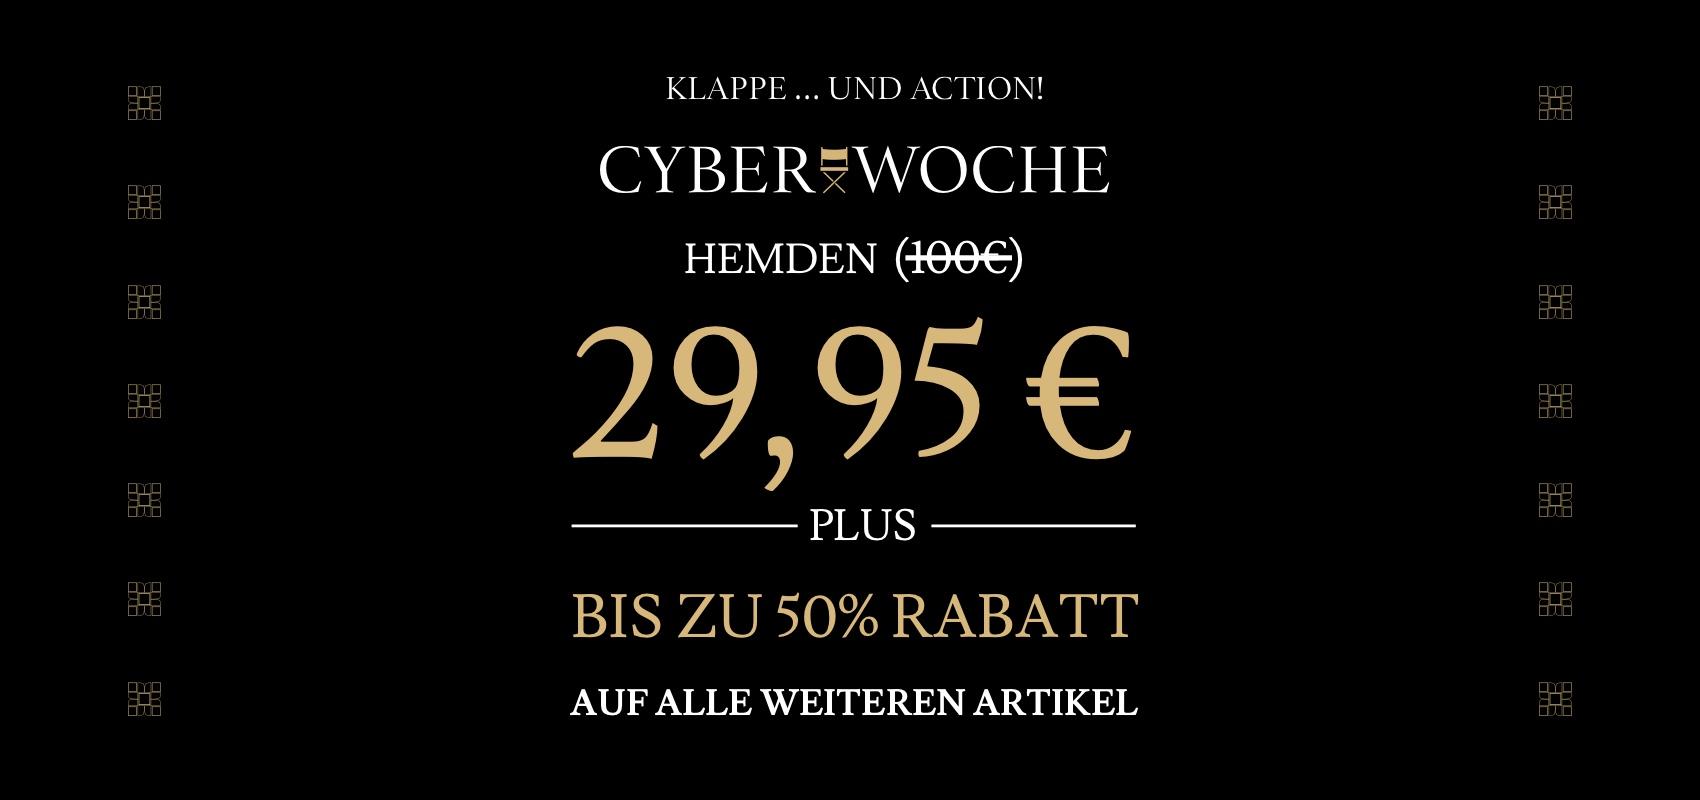 Charles Tyrwhitt Cyber Woche Hemden 29,95€ plus bis zu 50% Rabatt auf alle weiteren Artikel